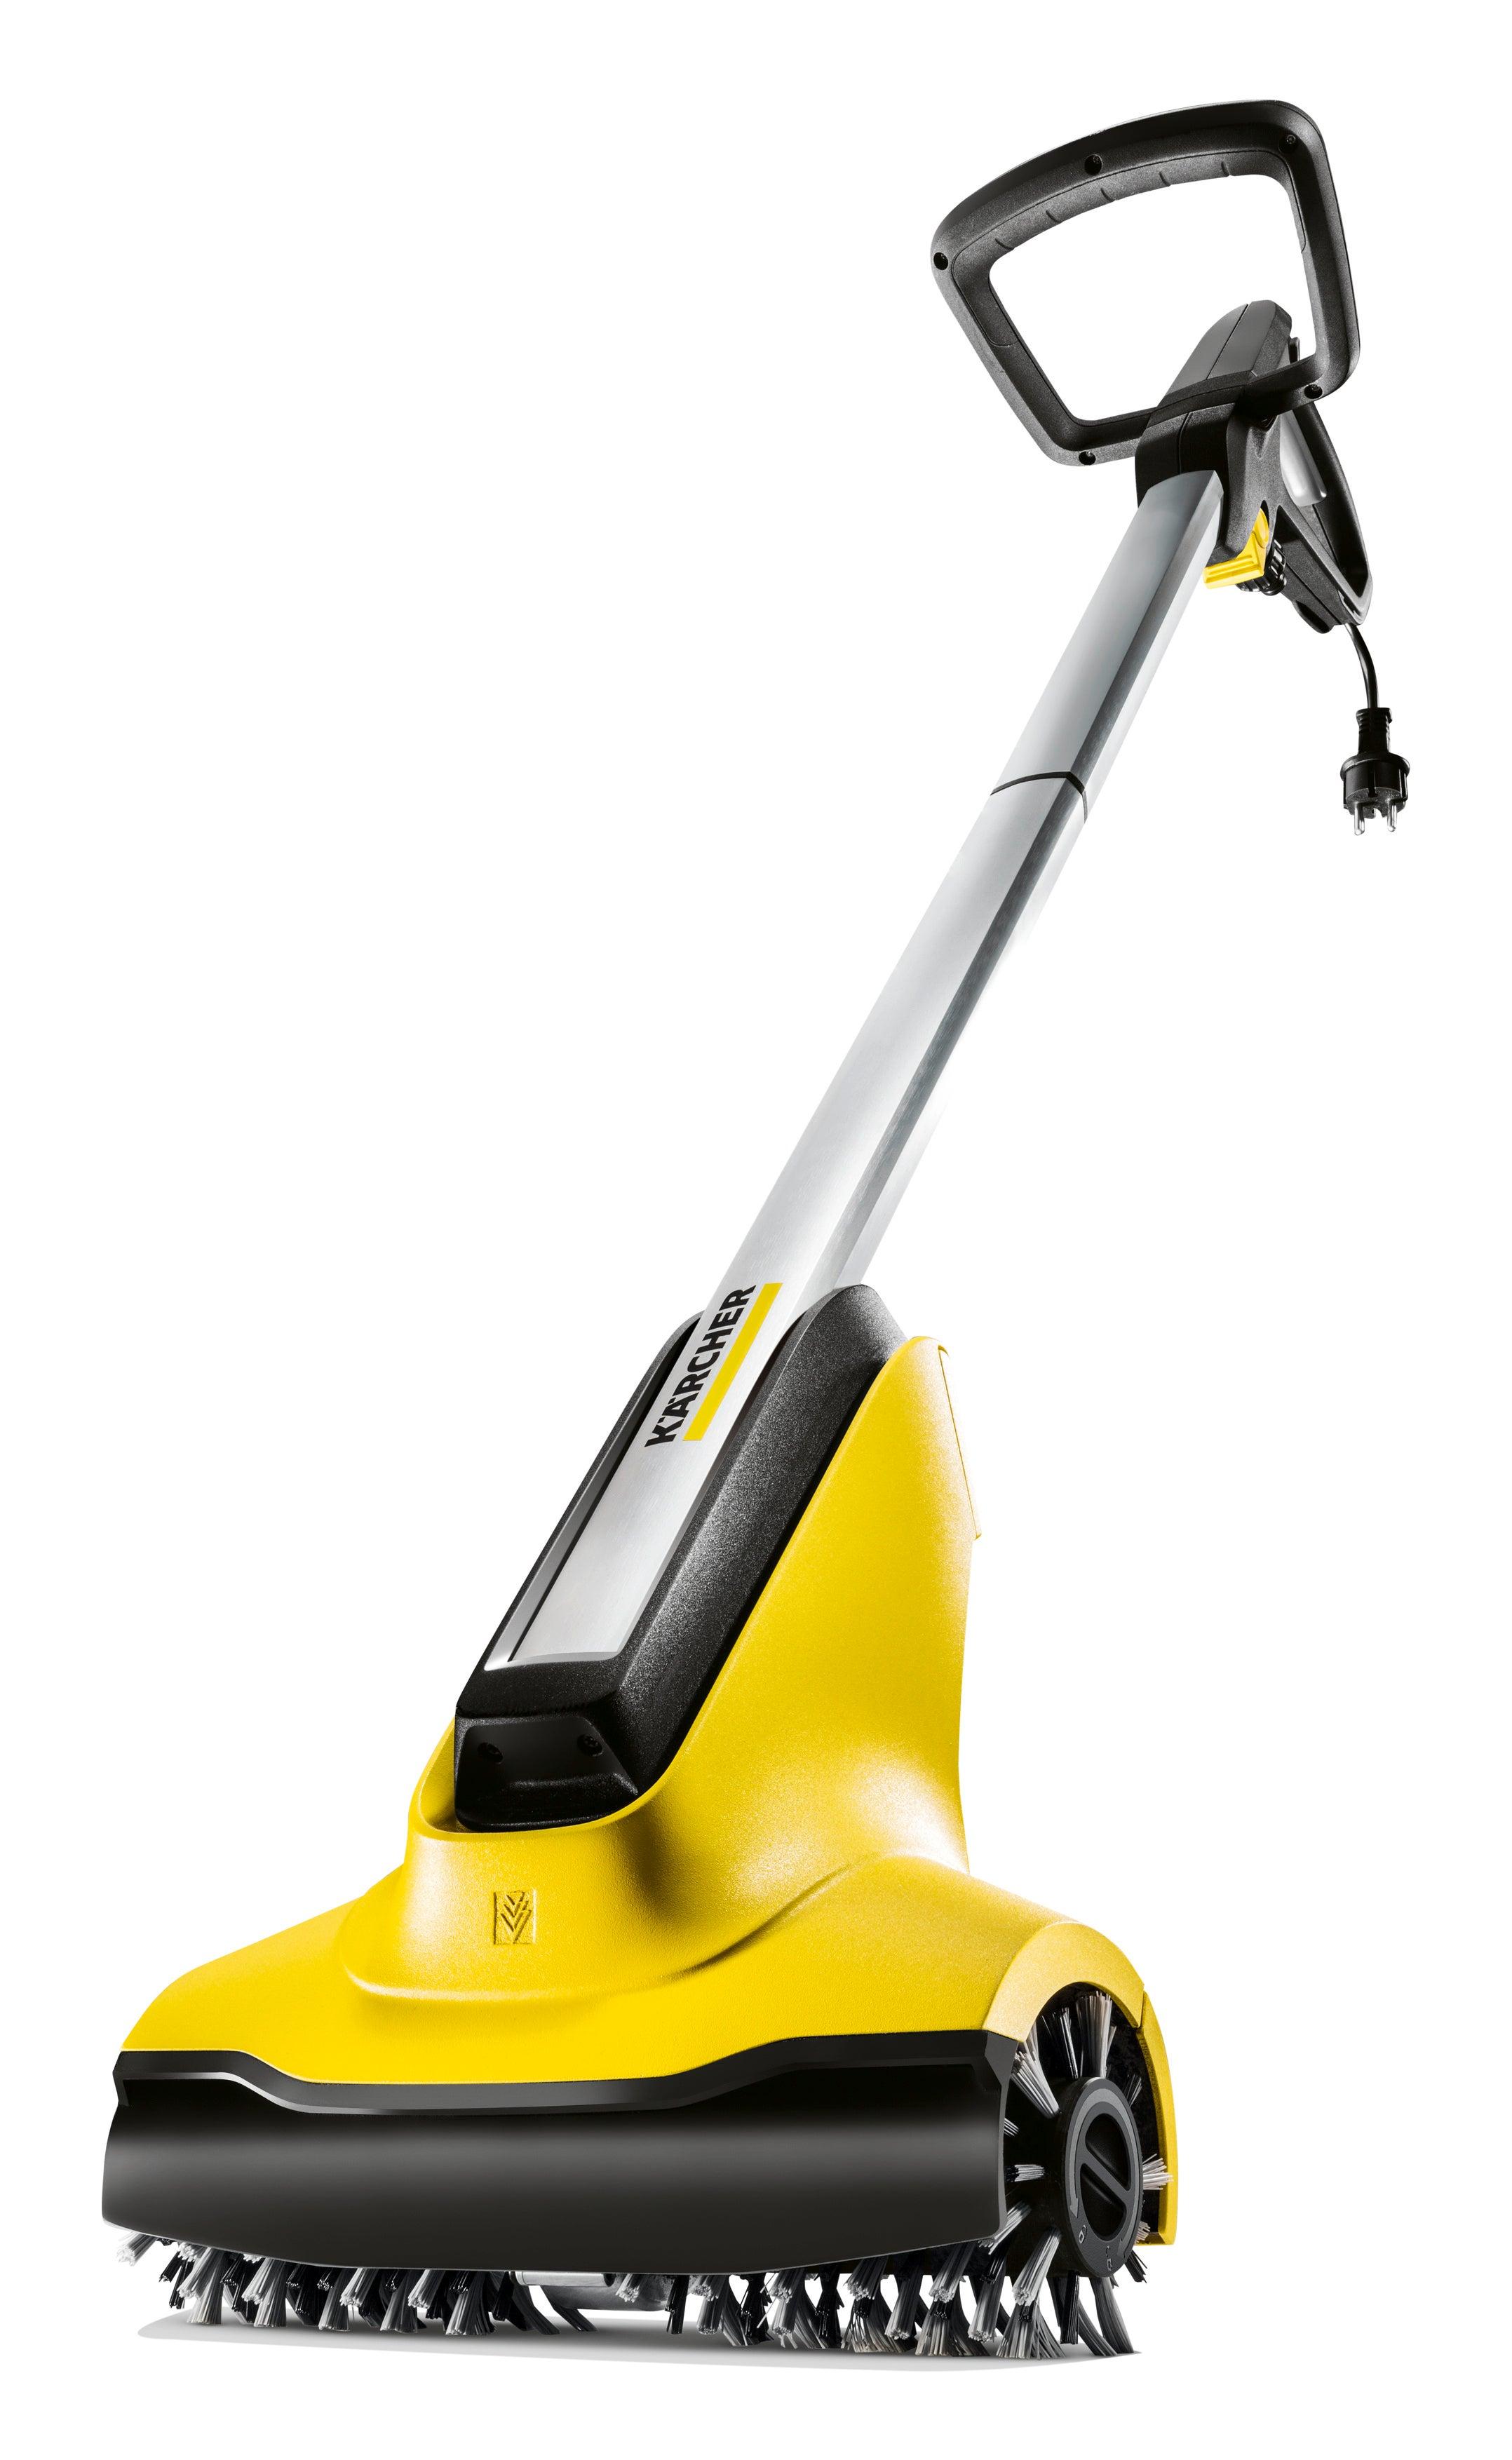 Nettoyeur De Terrasse Karcher Patio Cleaner Pcl 4 Leroy Merlin